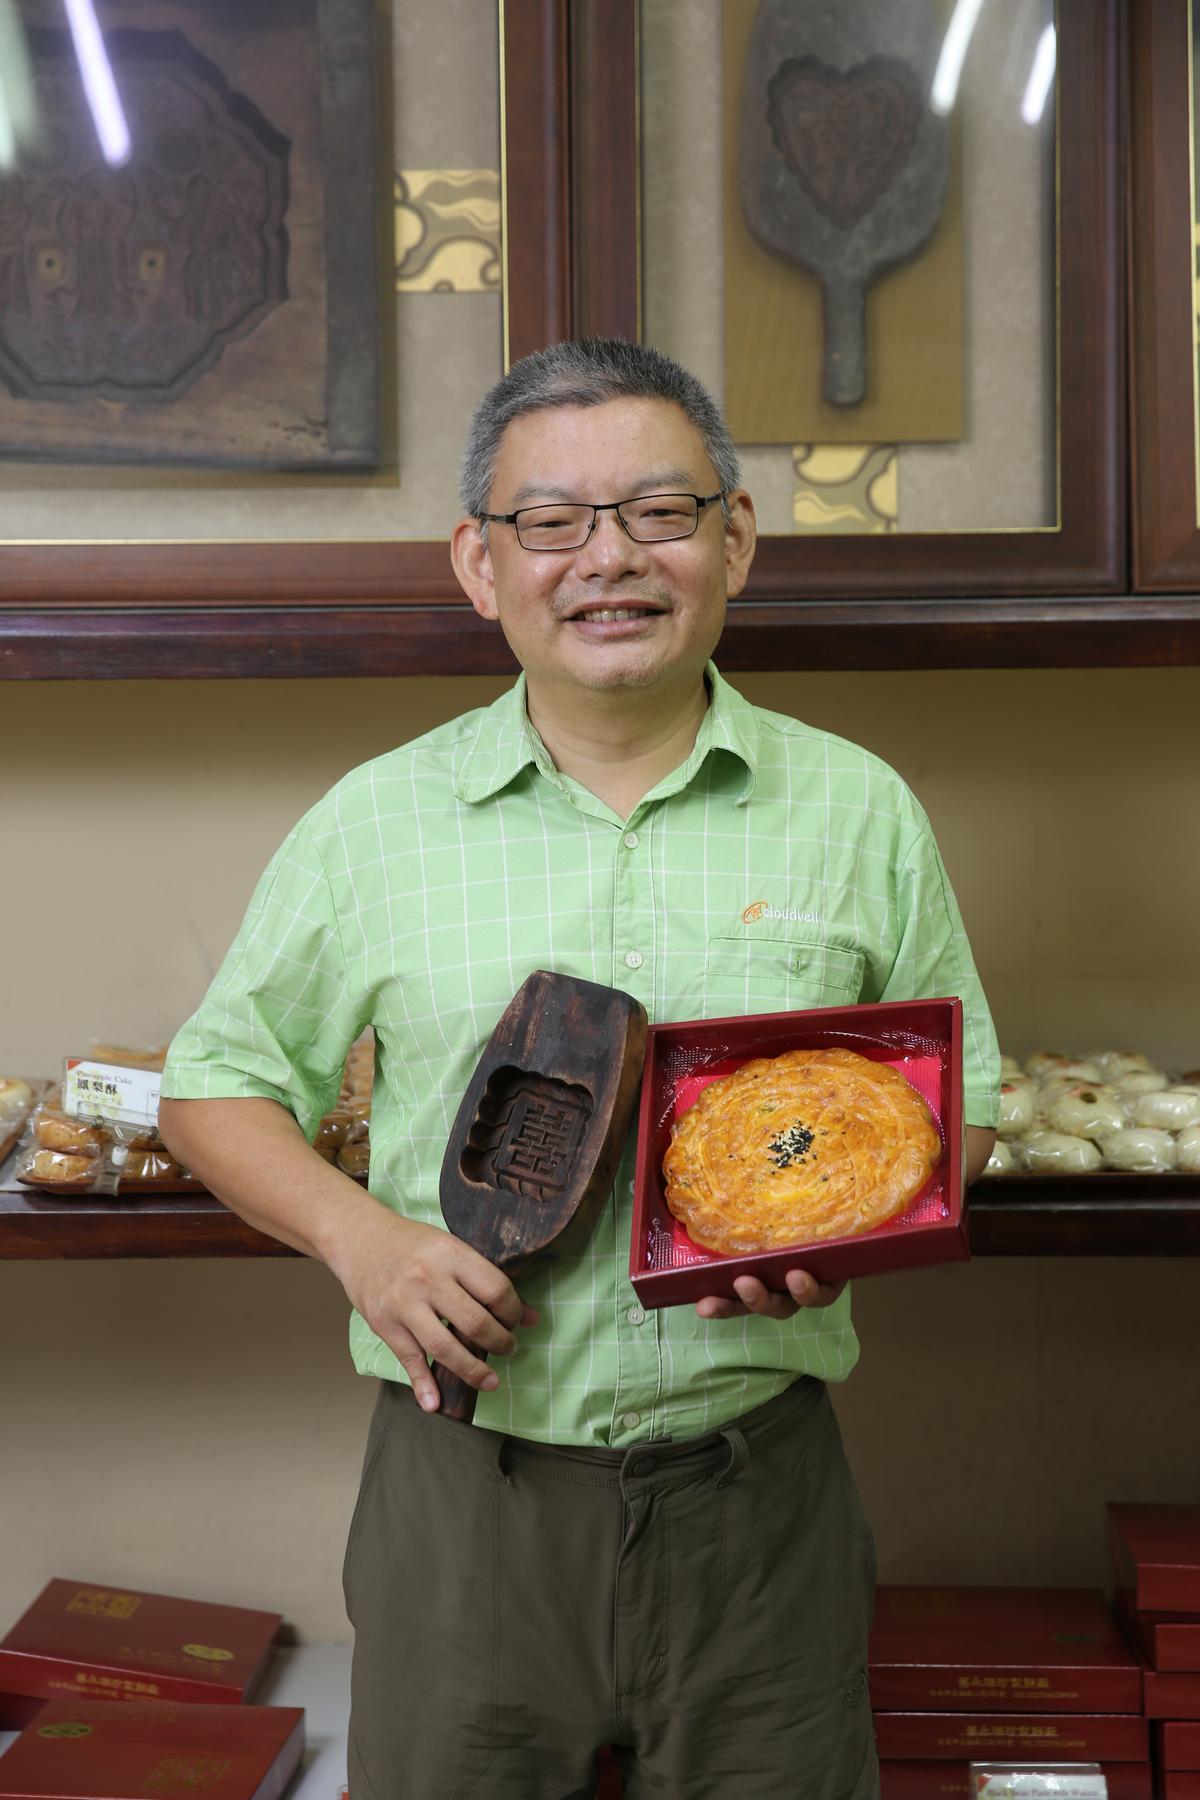 舊永瑞珍第三代老闆張瑞麟學的是法律,在中國也有自己的事業,但他認為老餅藝應該生存,若是中斷在他手裡就會是罪過。